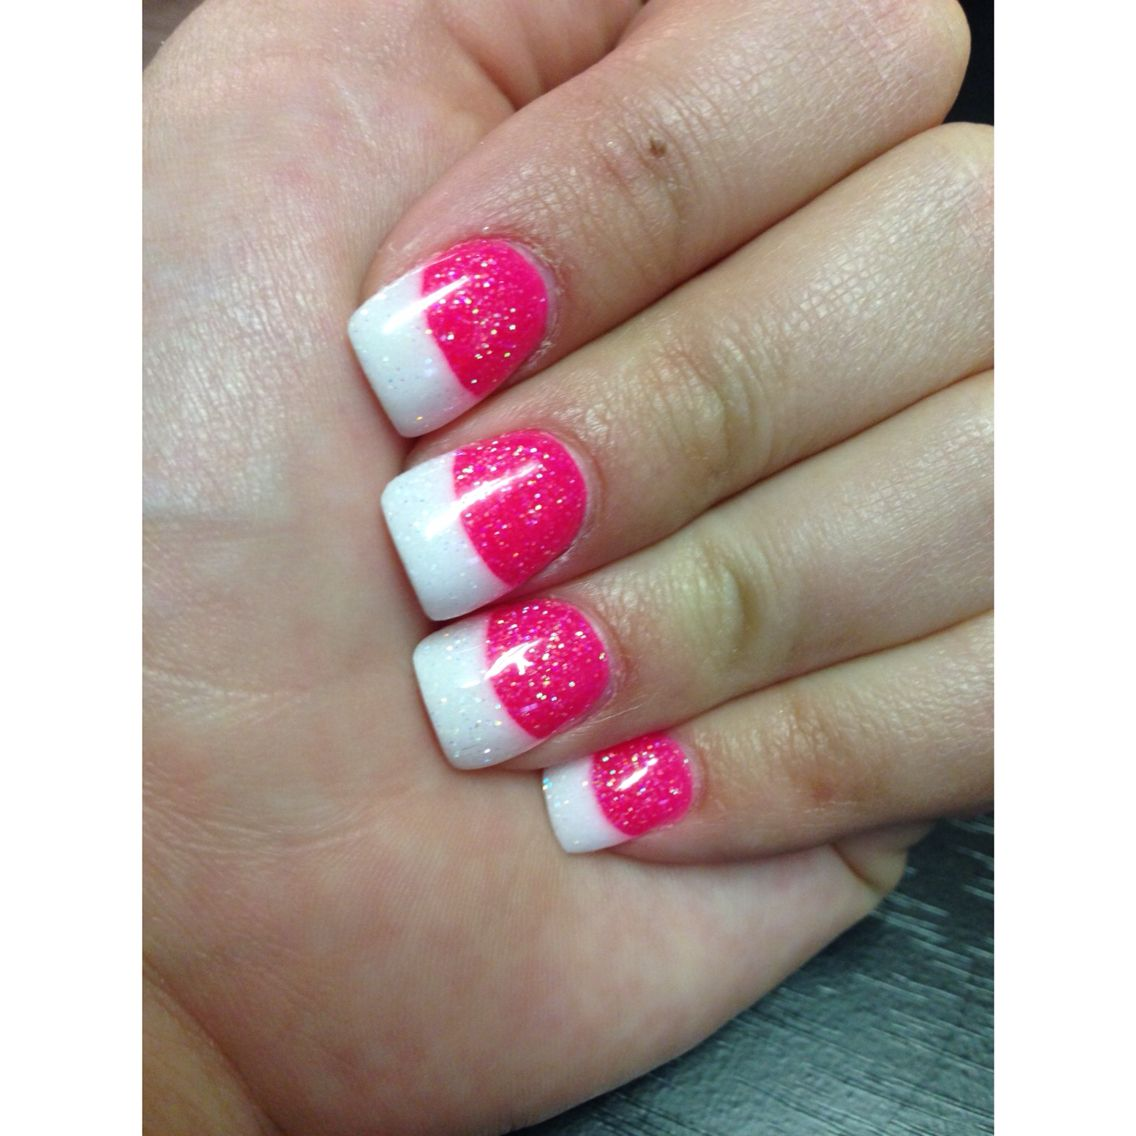 Solar nails #nails #solarnails #solarpowder #pinkandwhite #glitter ...